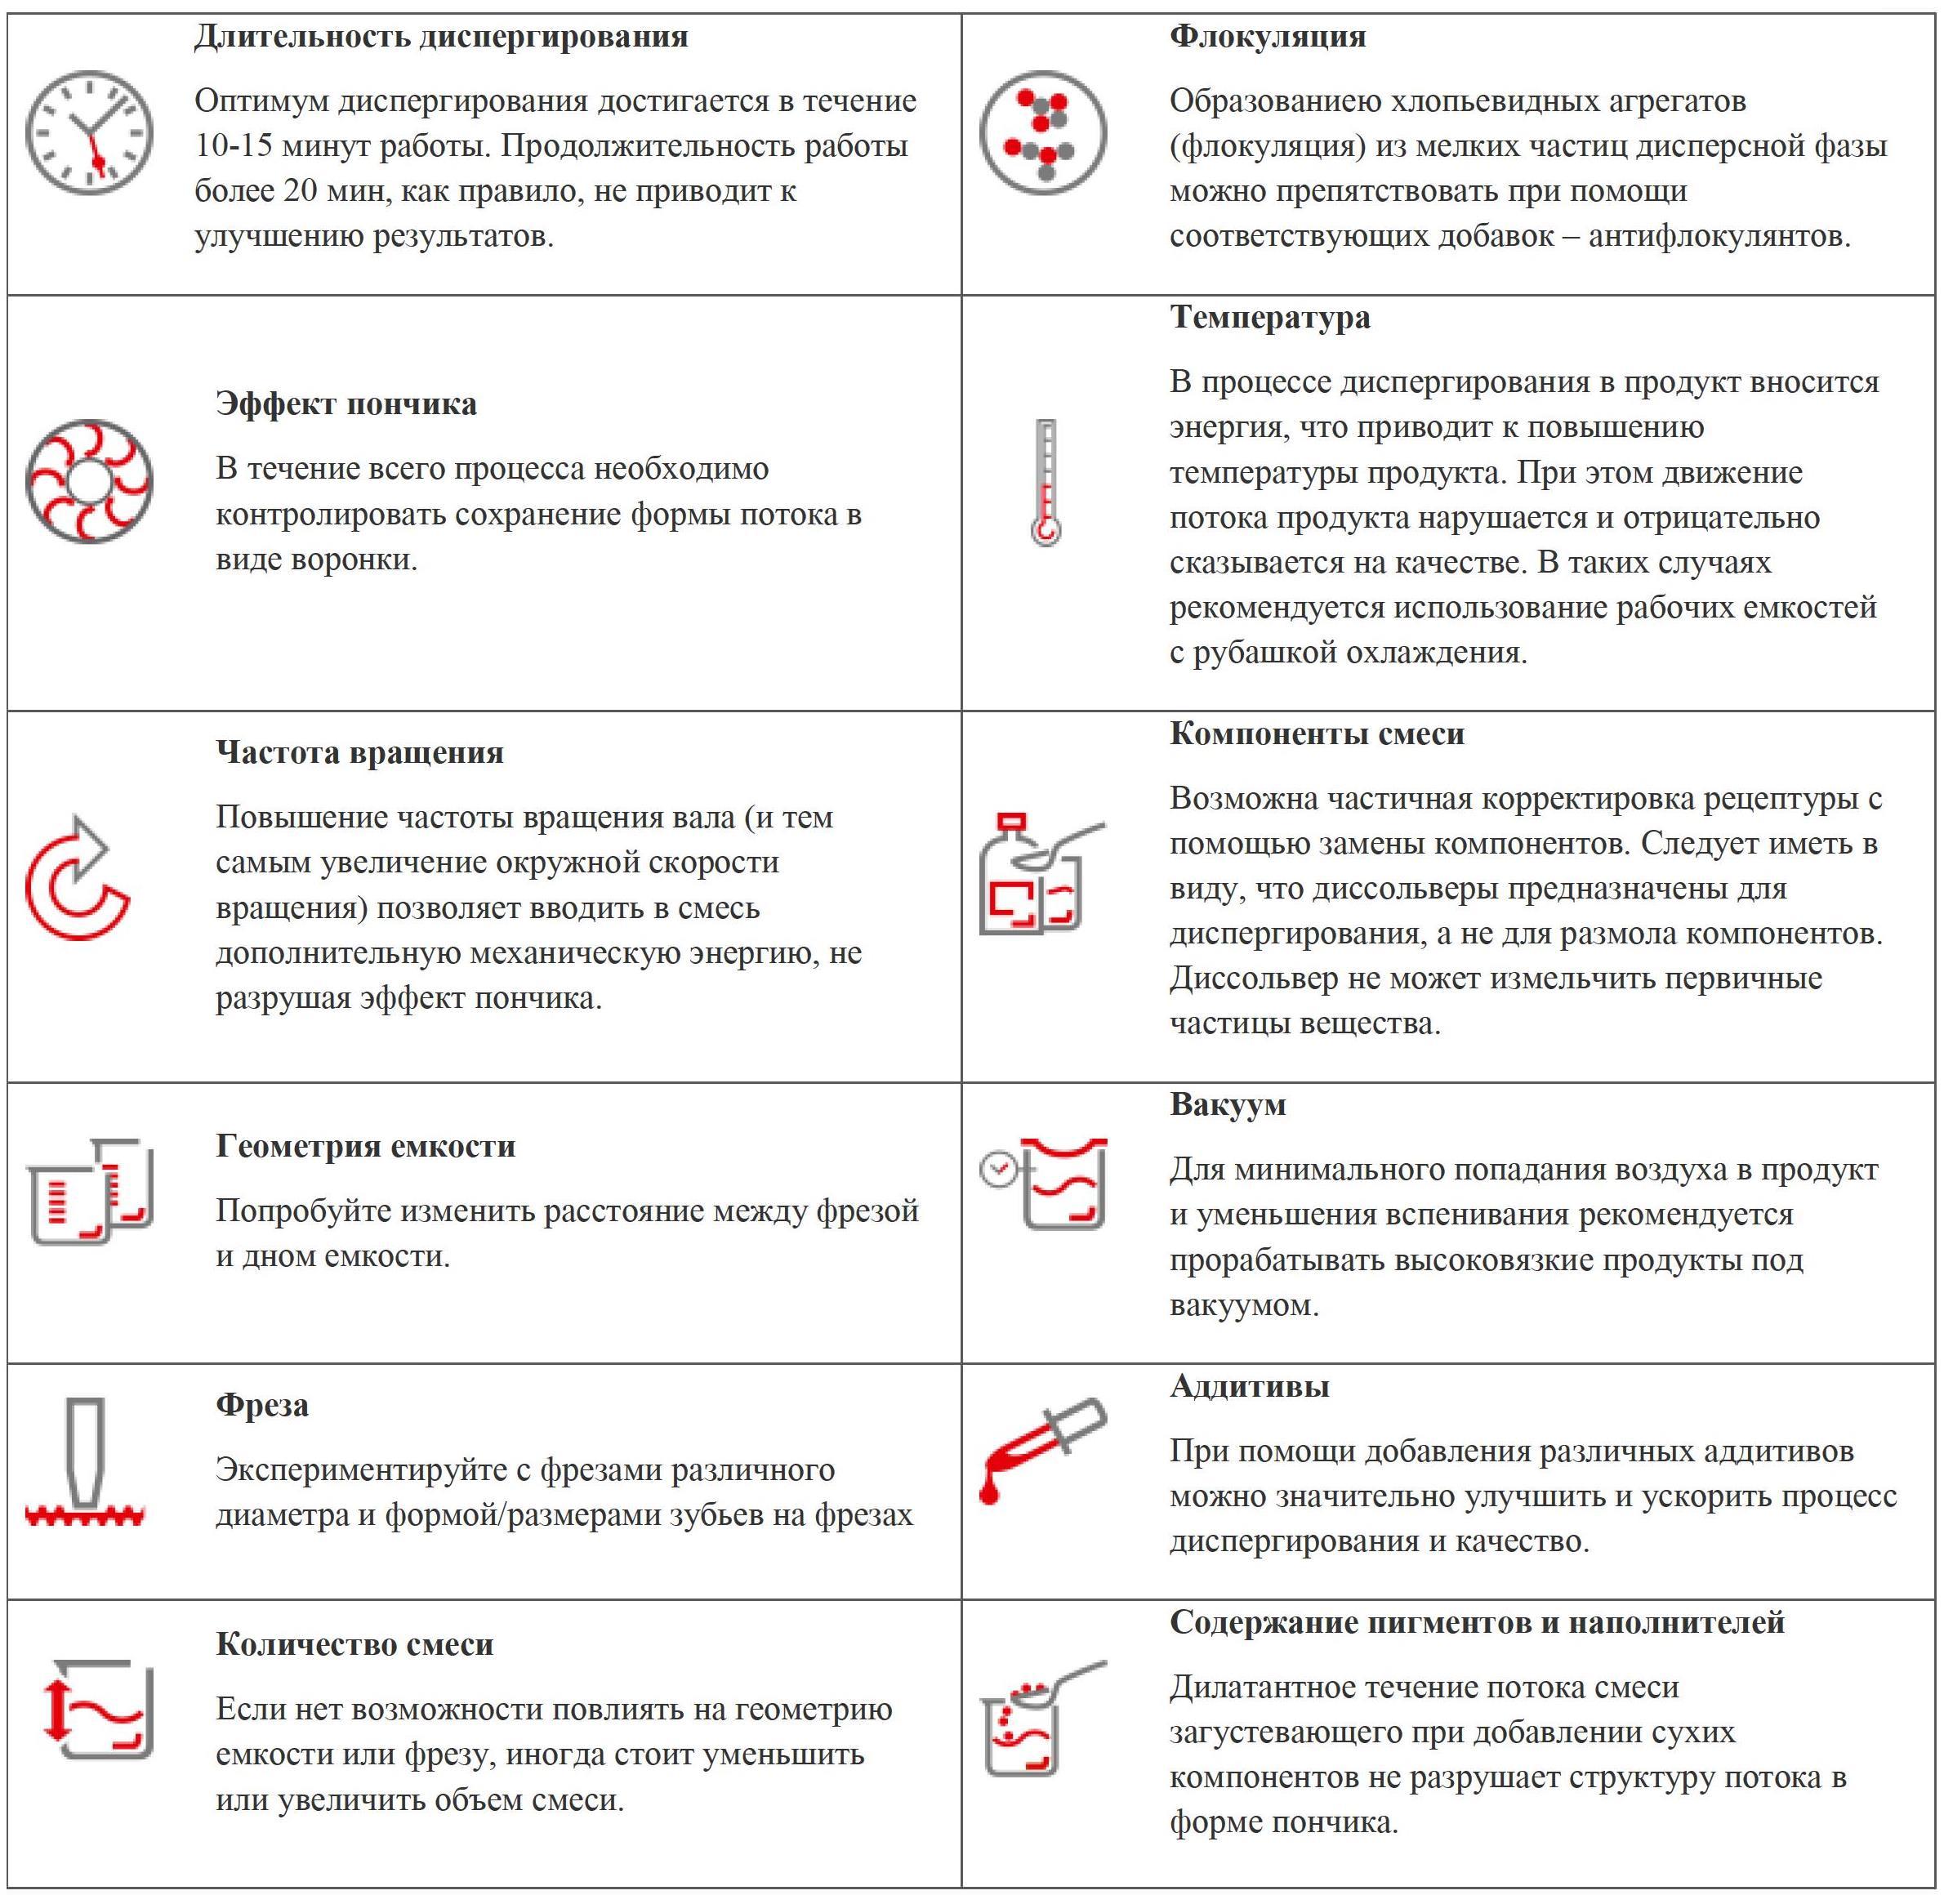 параметры для диспергирования